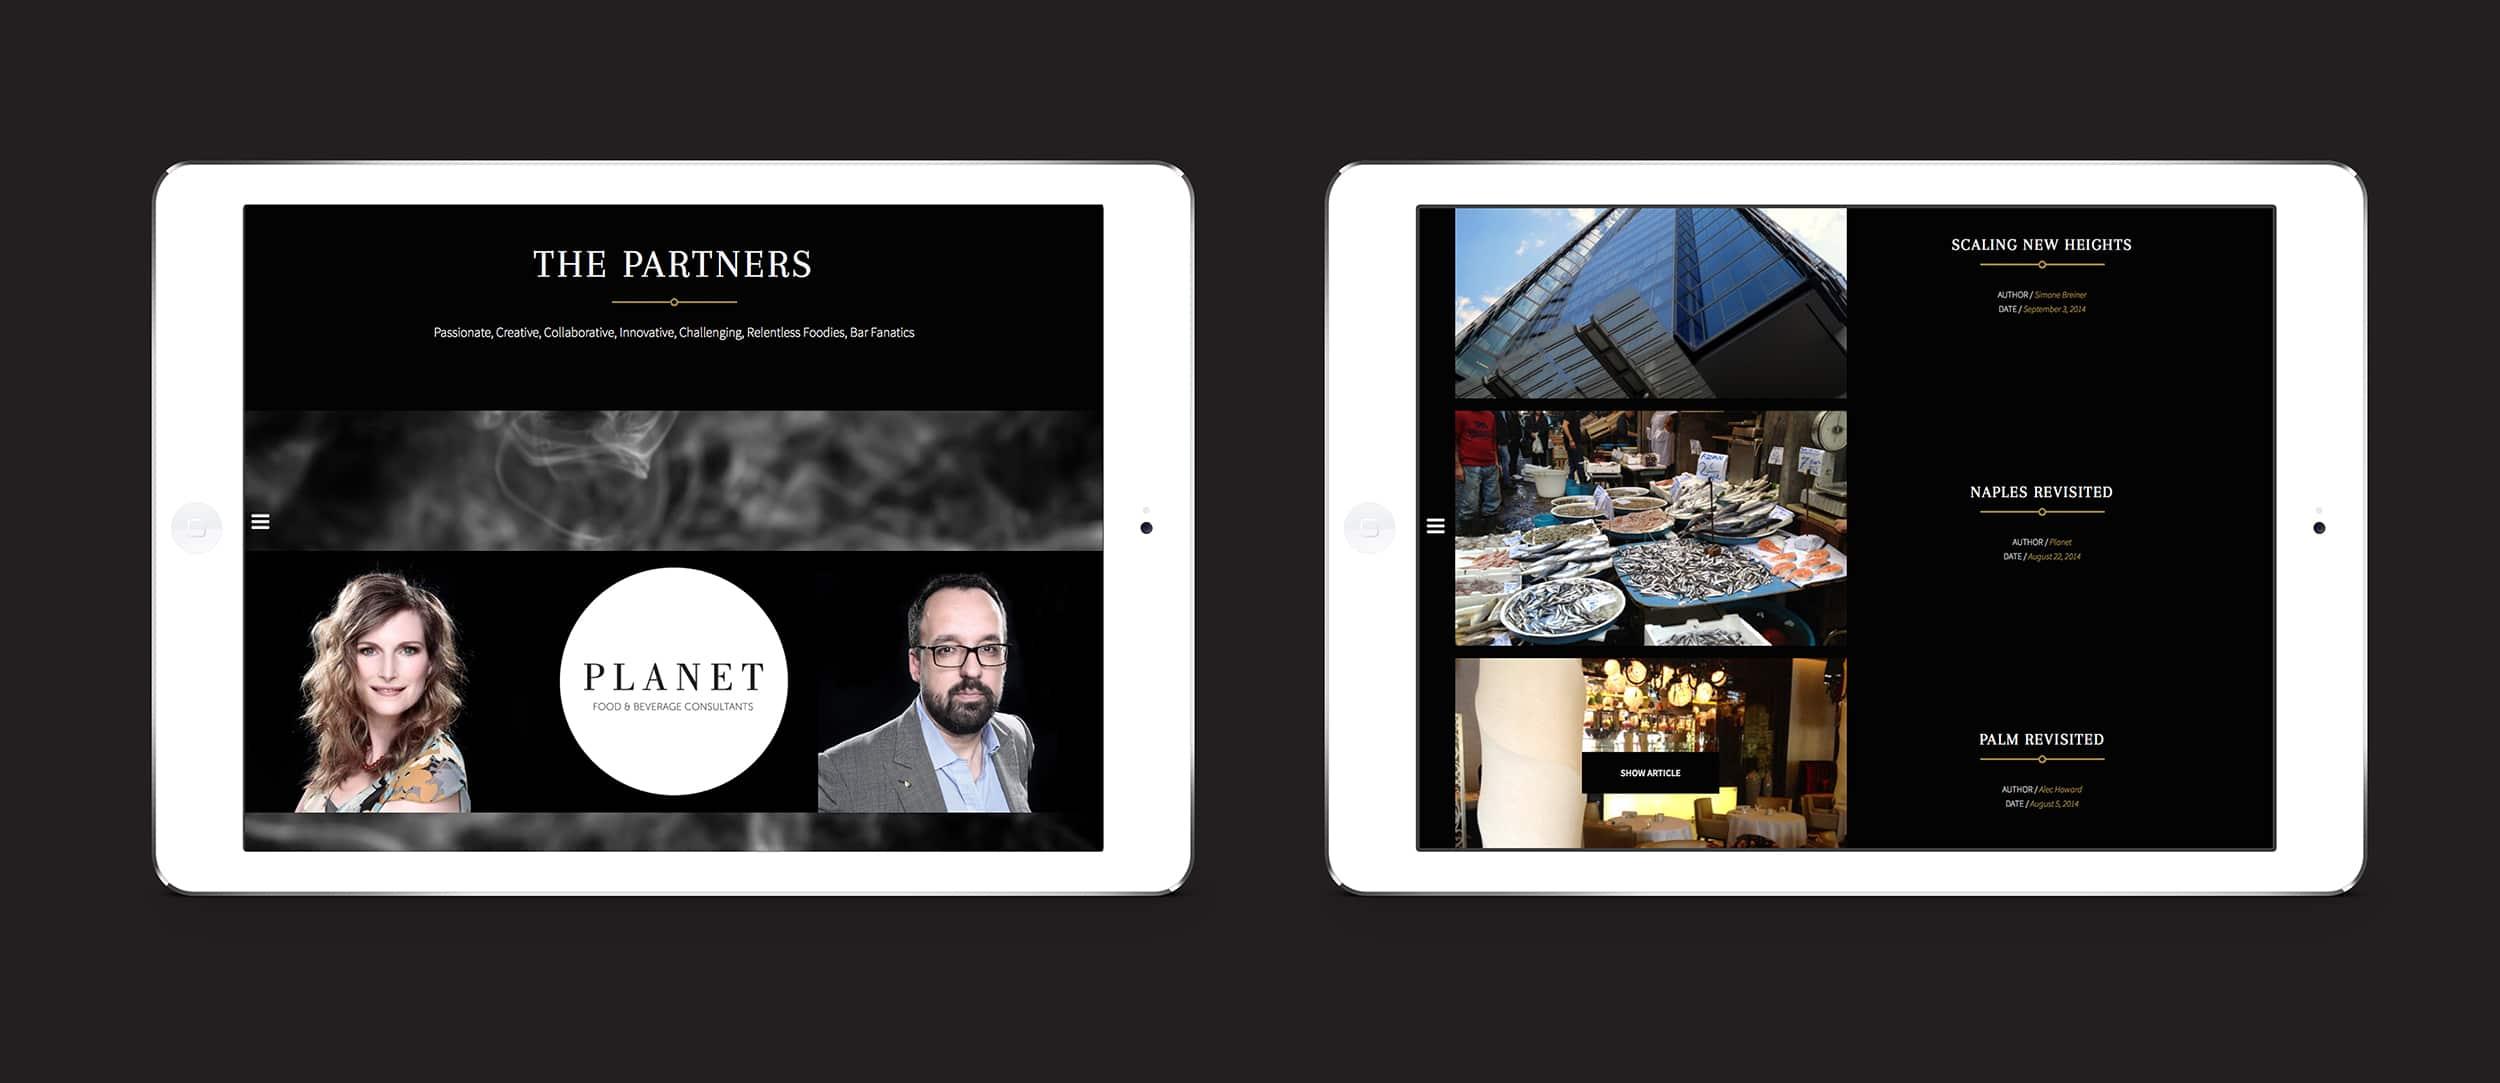 Responsive website design for Planet Food